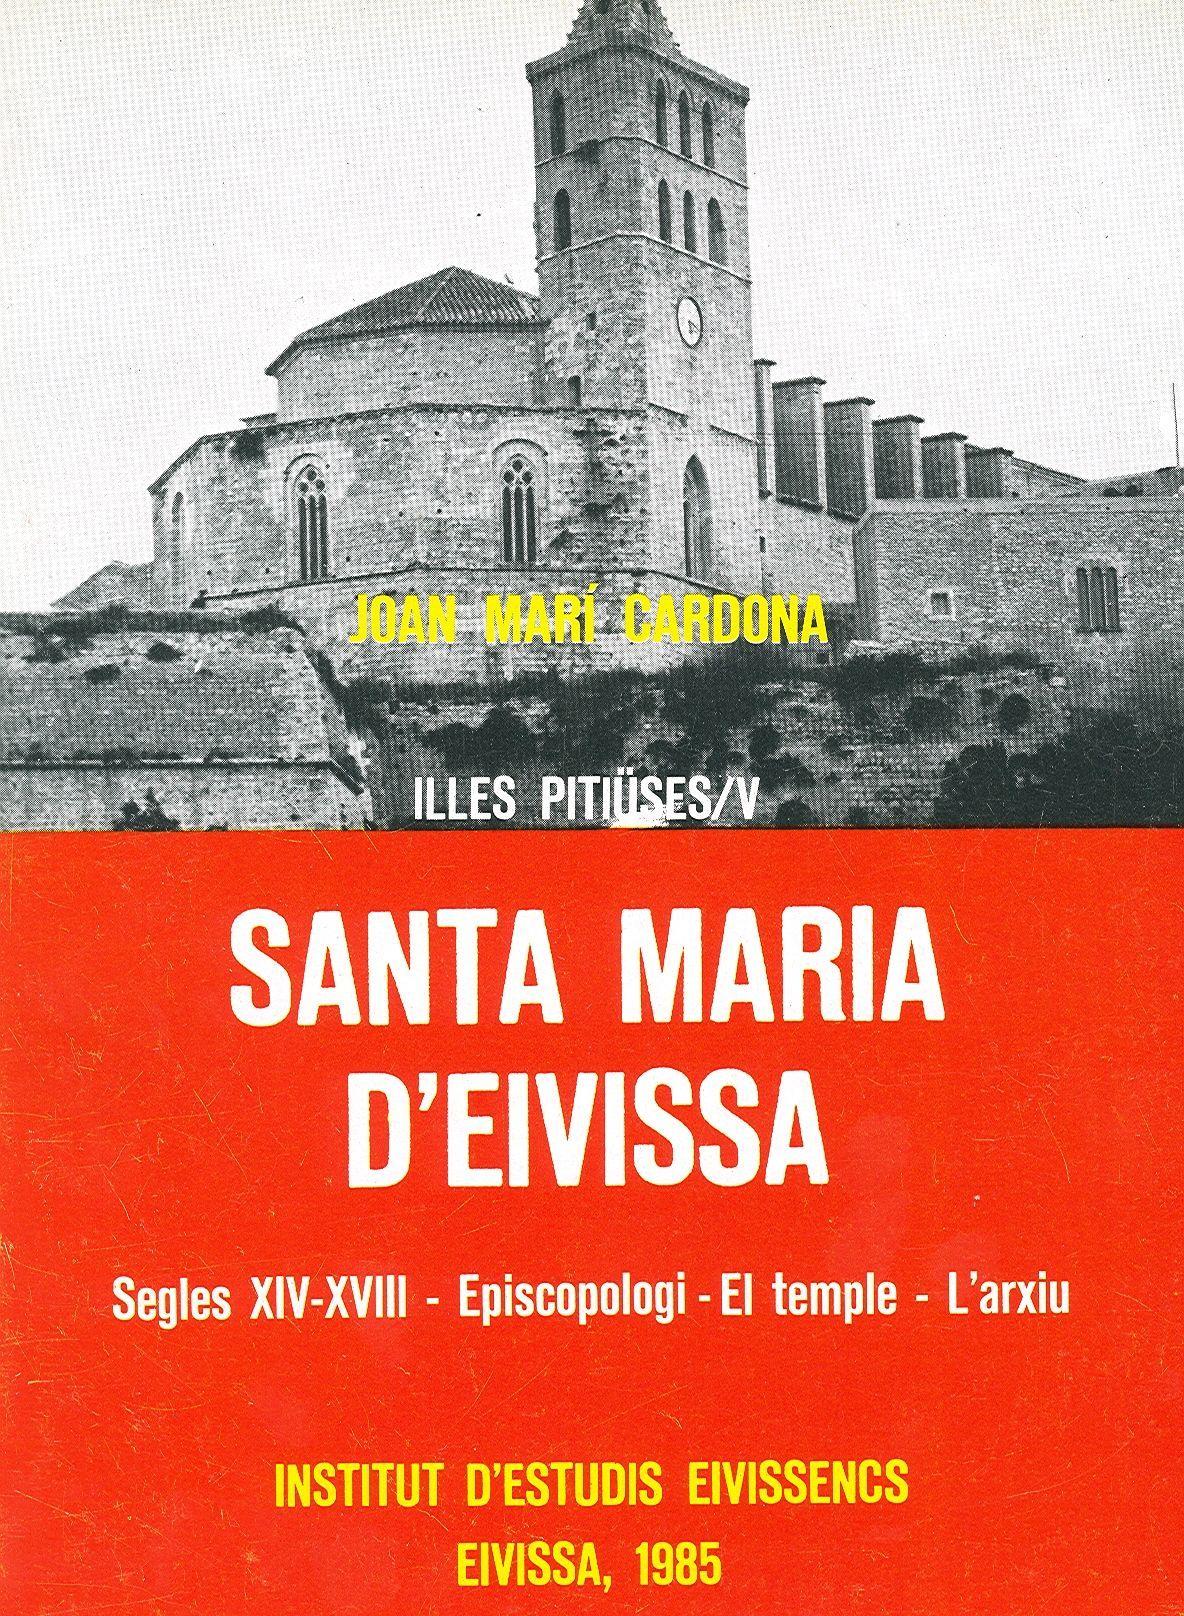 Illes Pitiüses V. Santa-Maria dEivissa